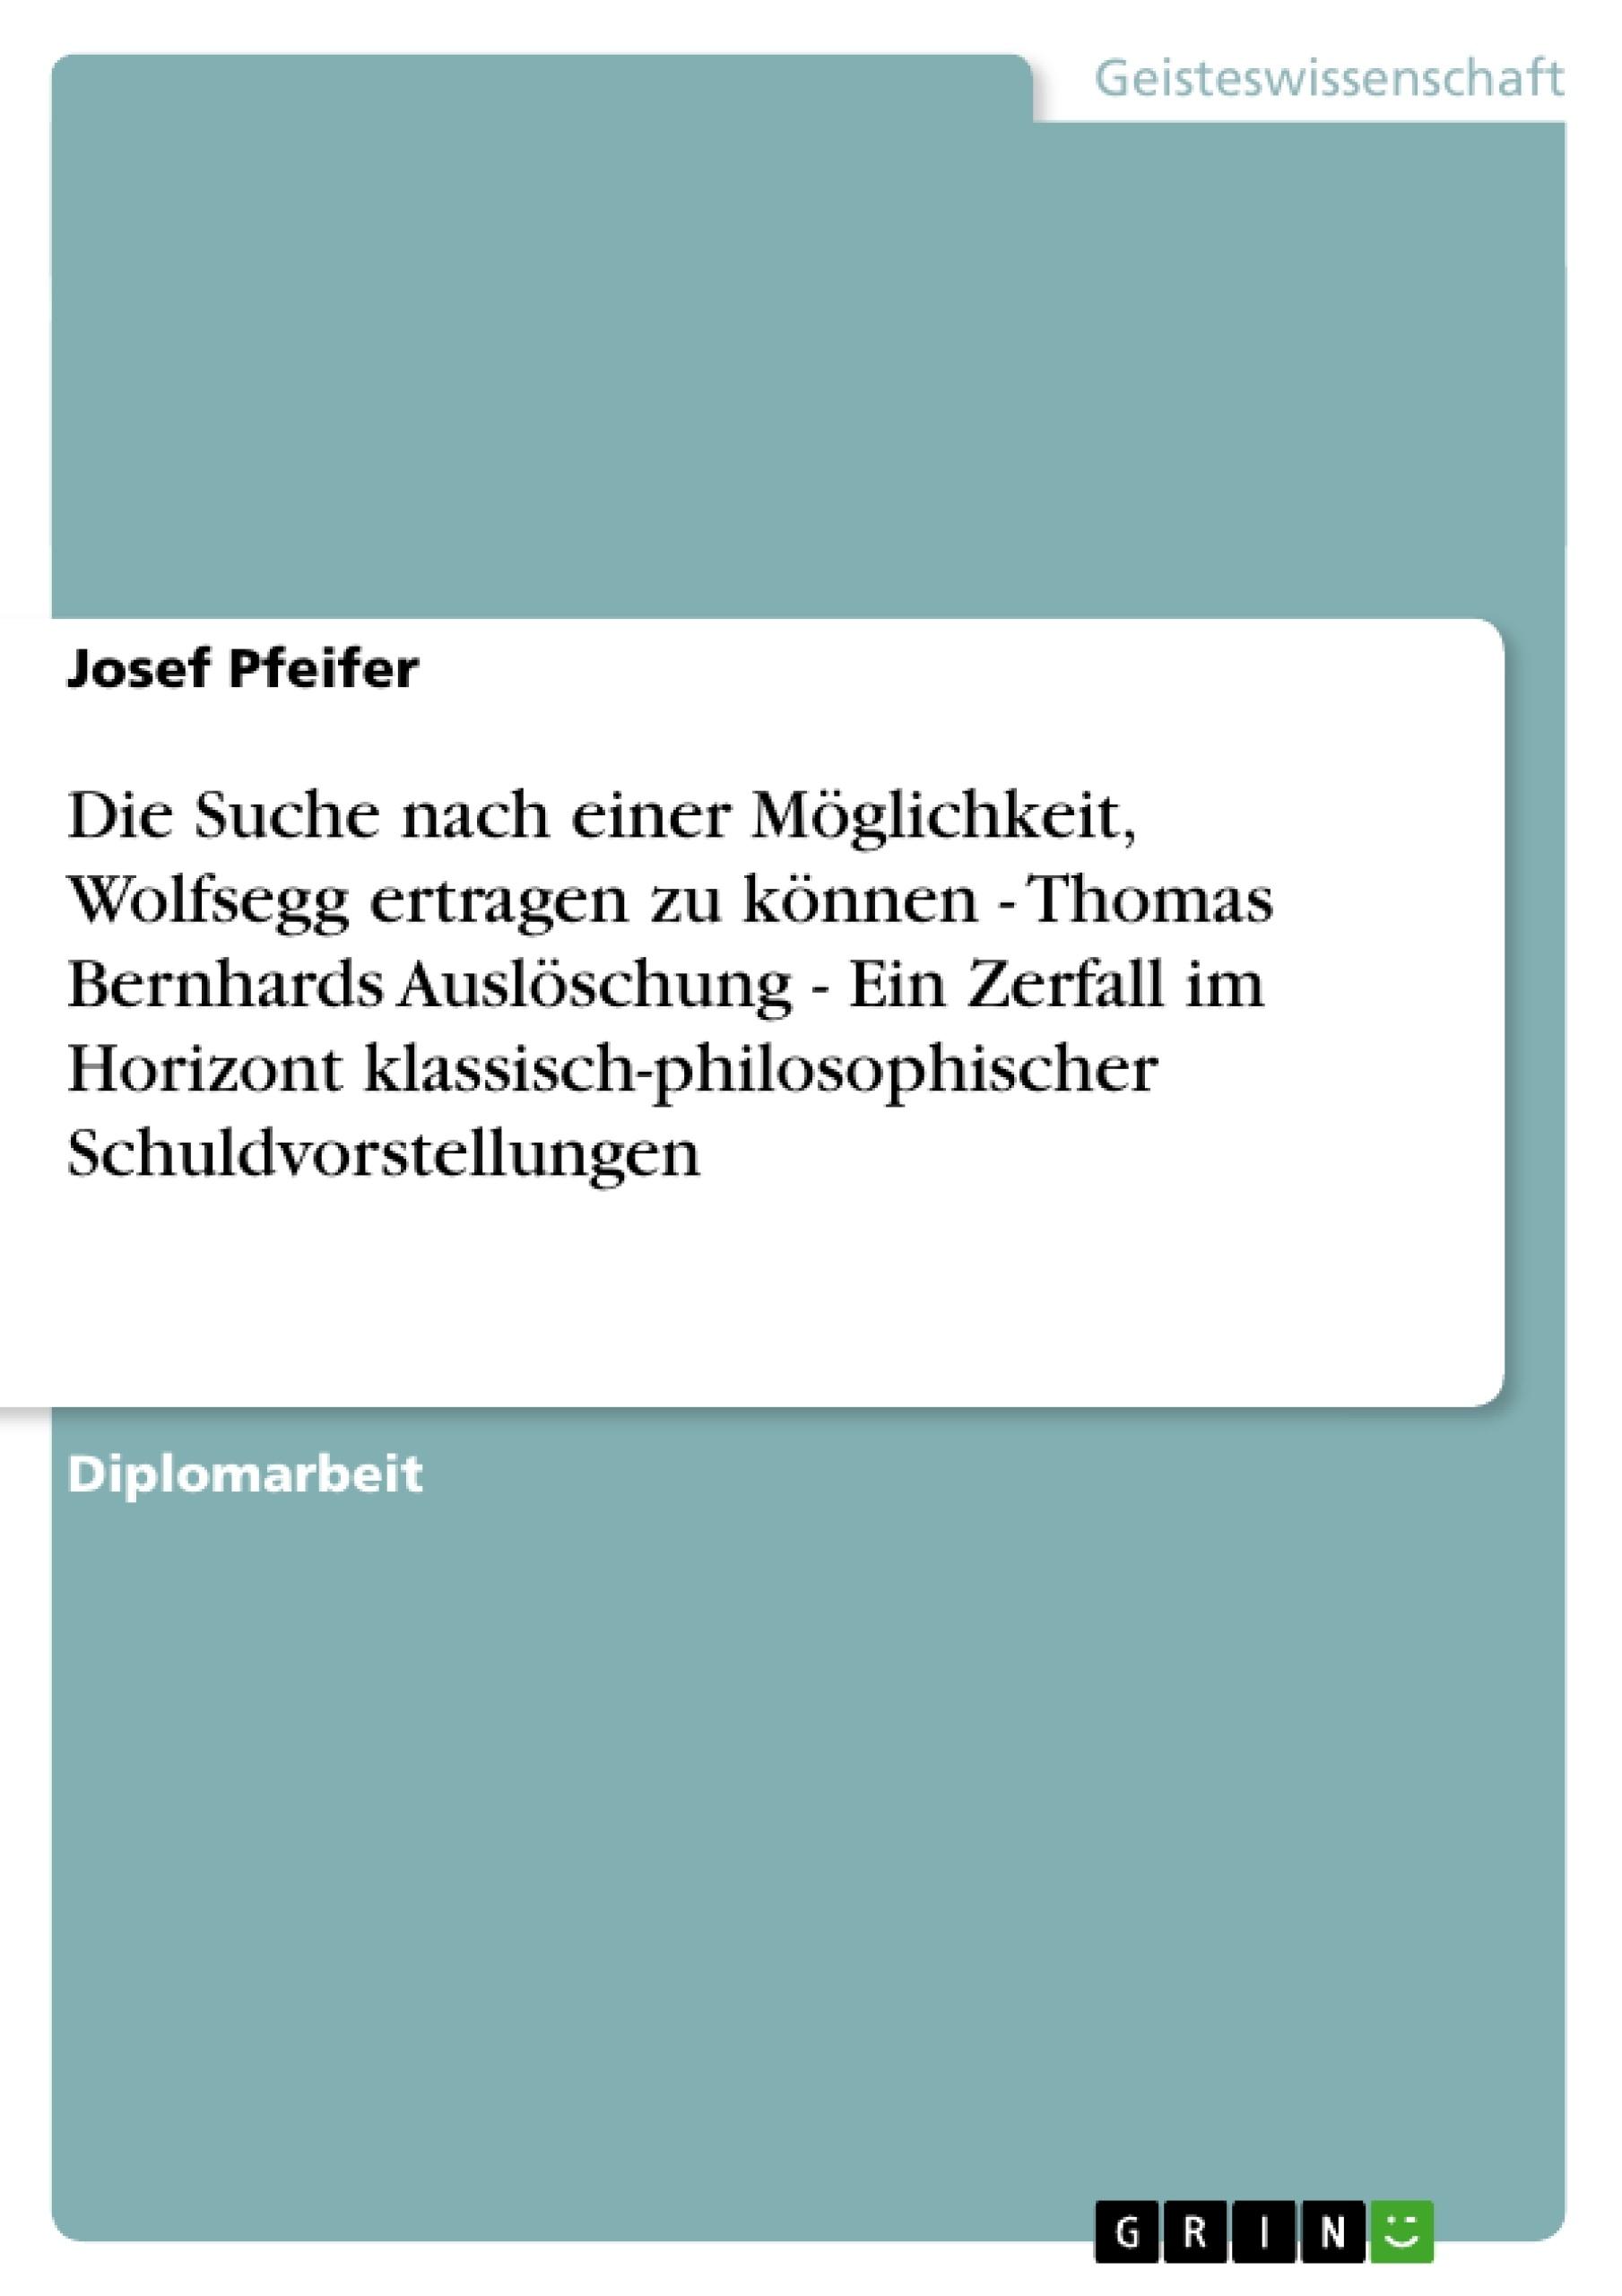 Titel: Die Suche nach einer  Möglichkeit, Wolfsegg ertragen zu können - Thomas Bernhards  Auslöschung - Ein Zerfall  im Horizont klassisch-philosophischer Schuldvorstellungen